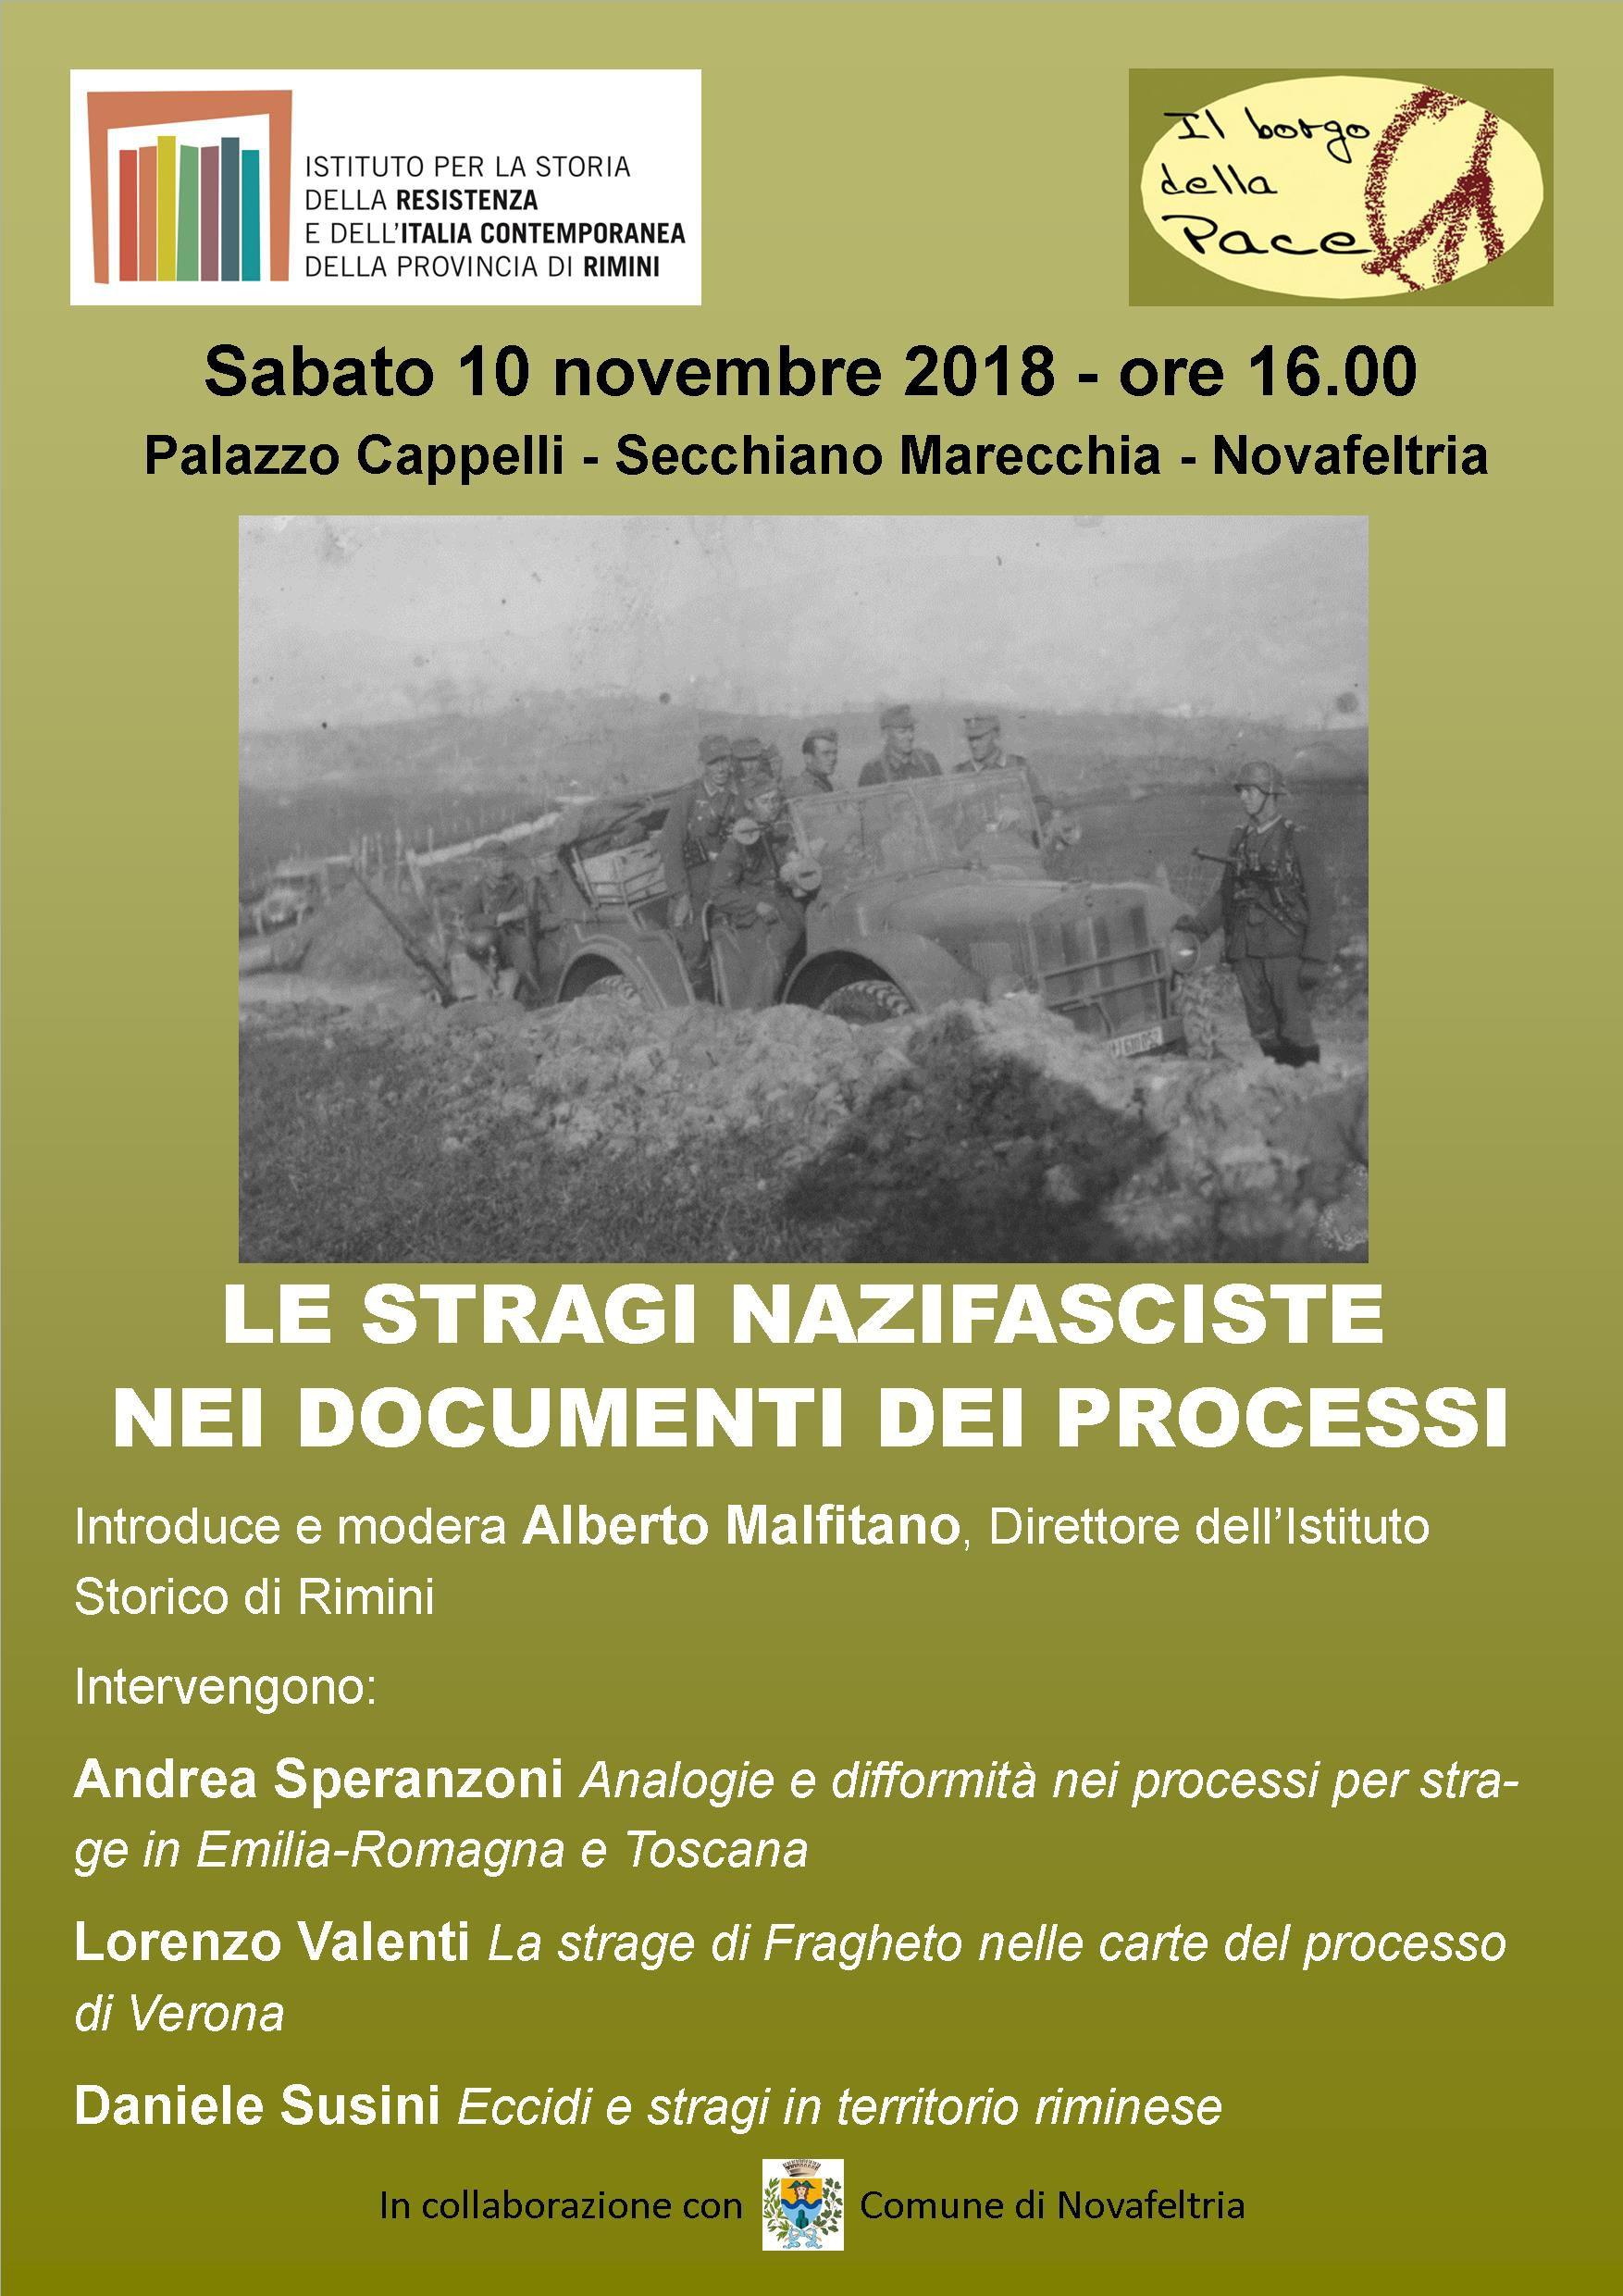 10 Novembre 2018 - Le Stragi Nazifasciste nei Documenti dei Processi